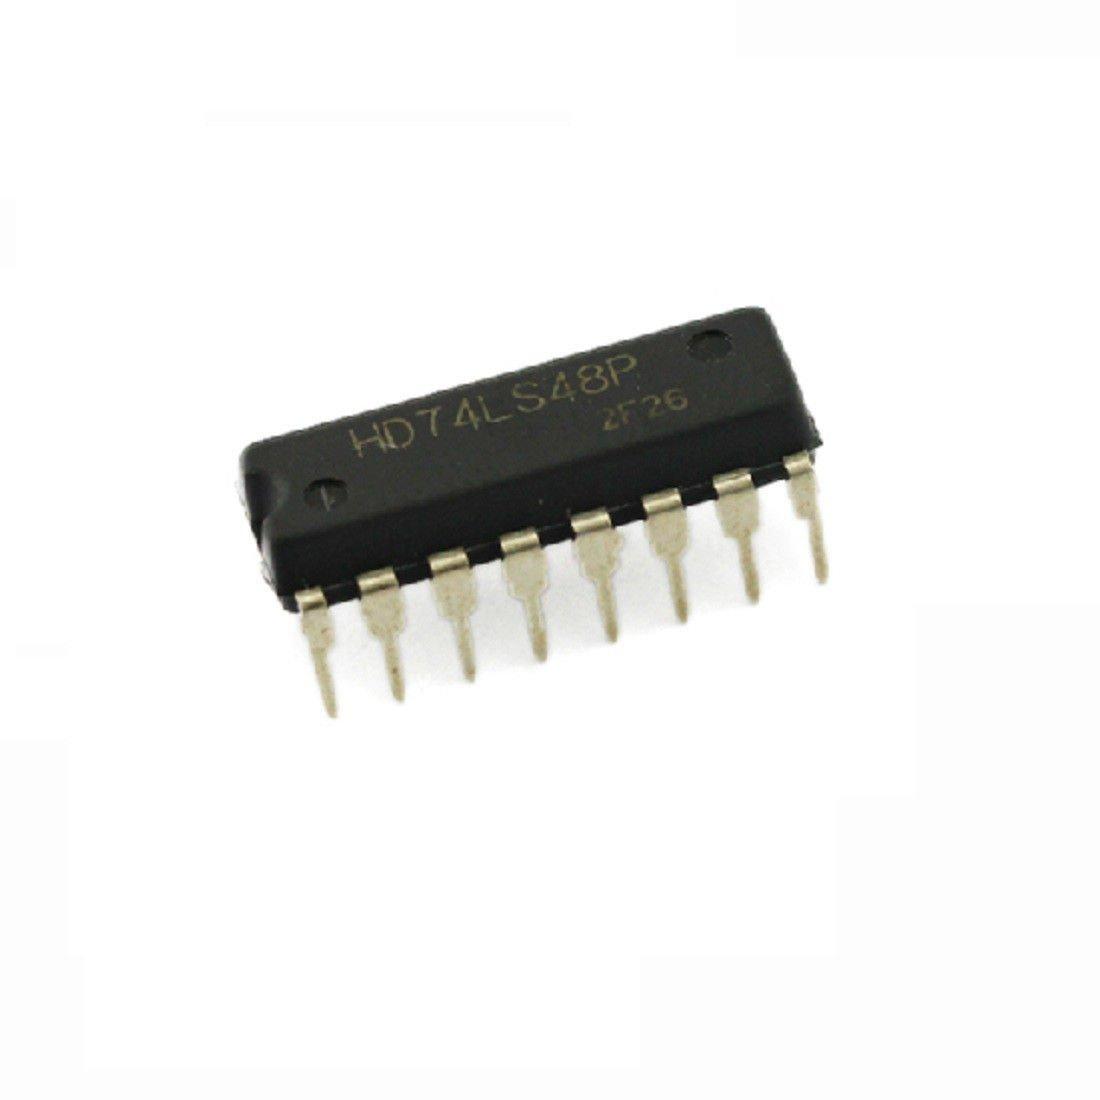 5PCS 100% original HITACHI 74LS48 DIP16 DIP-16 IC NEW